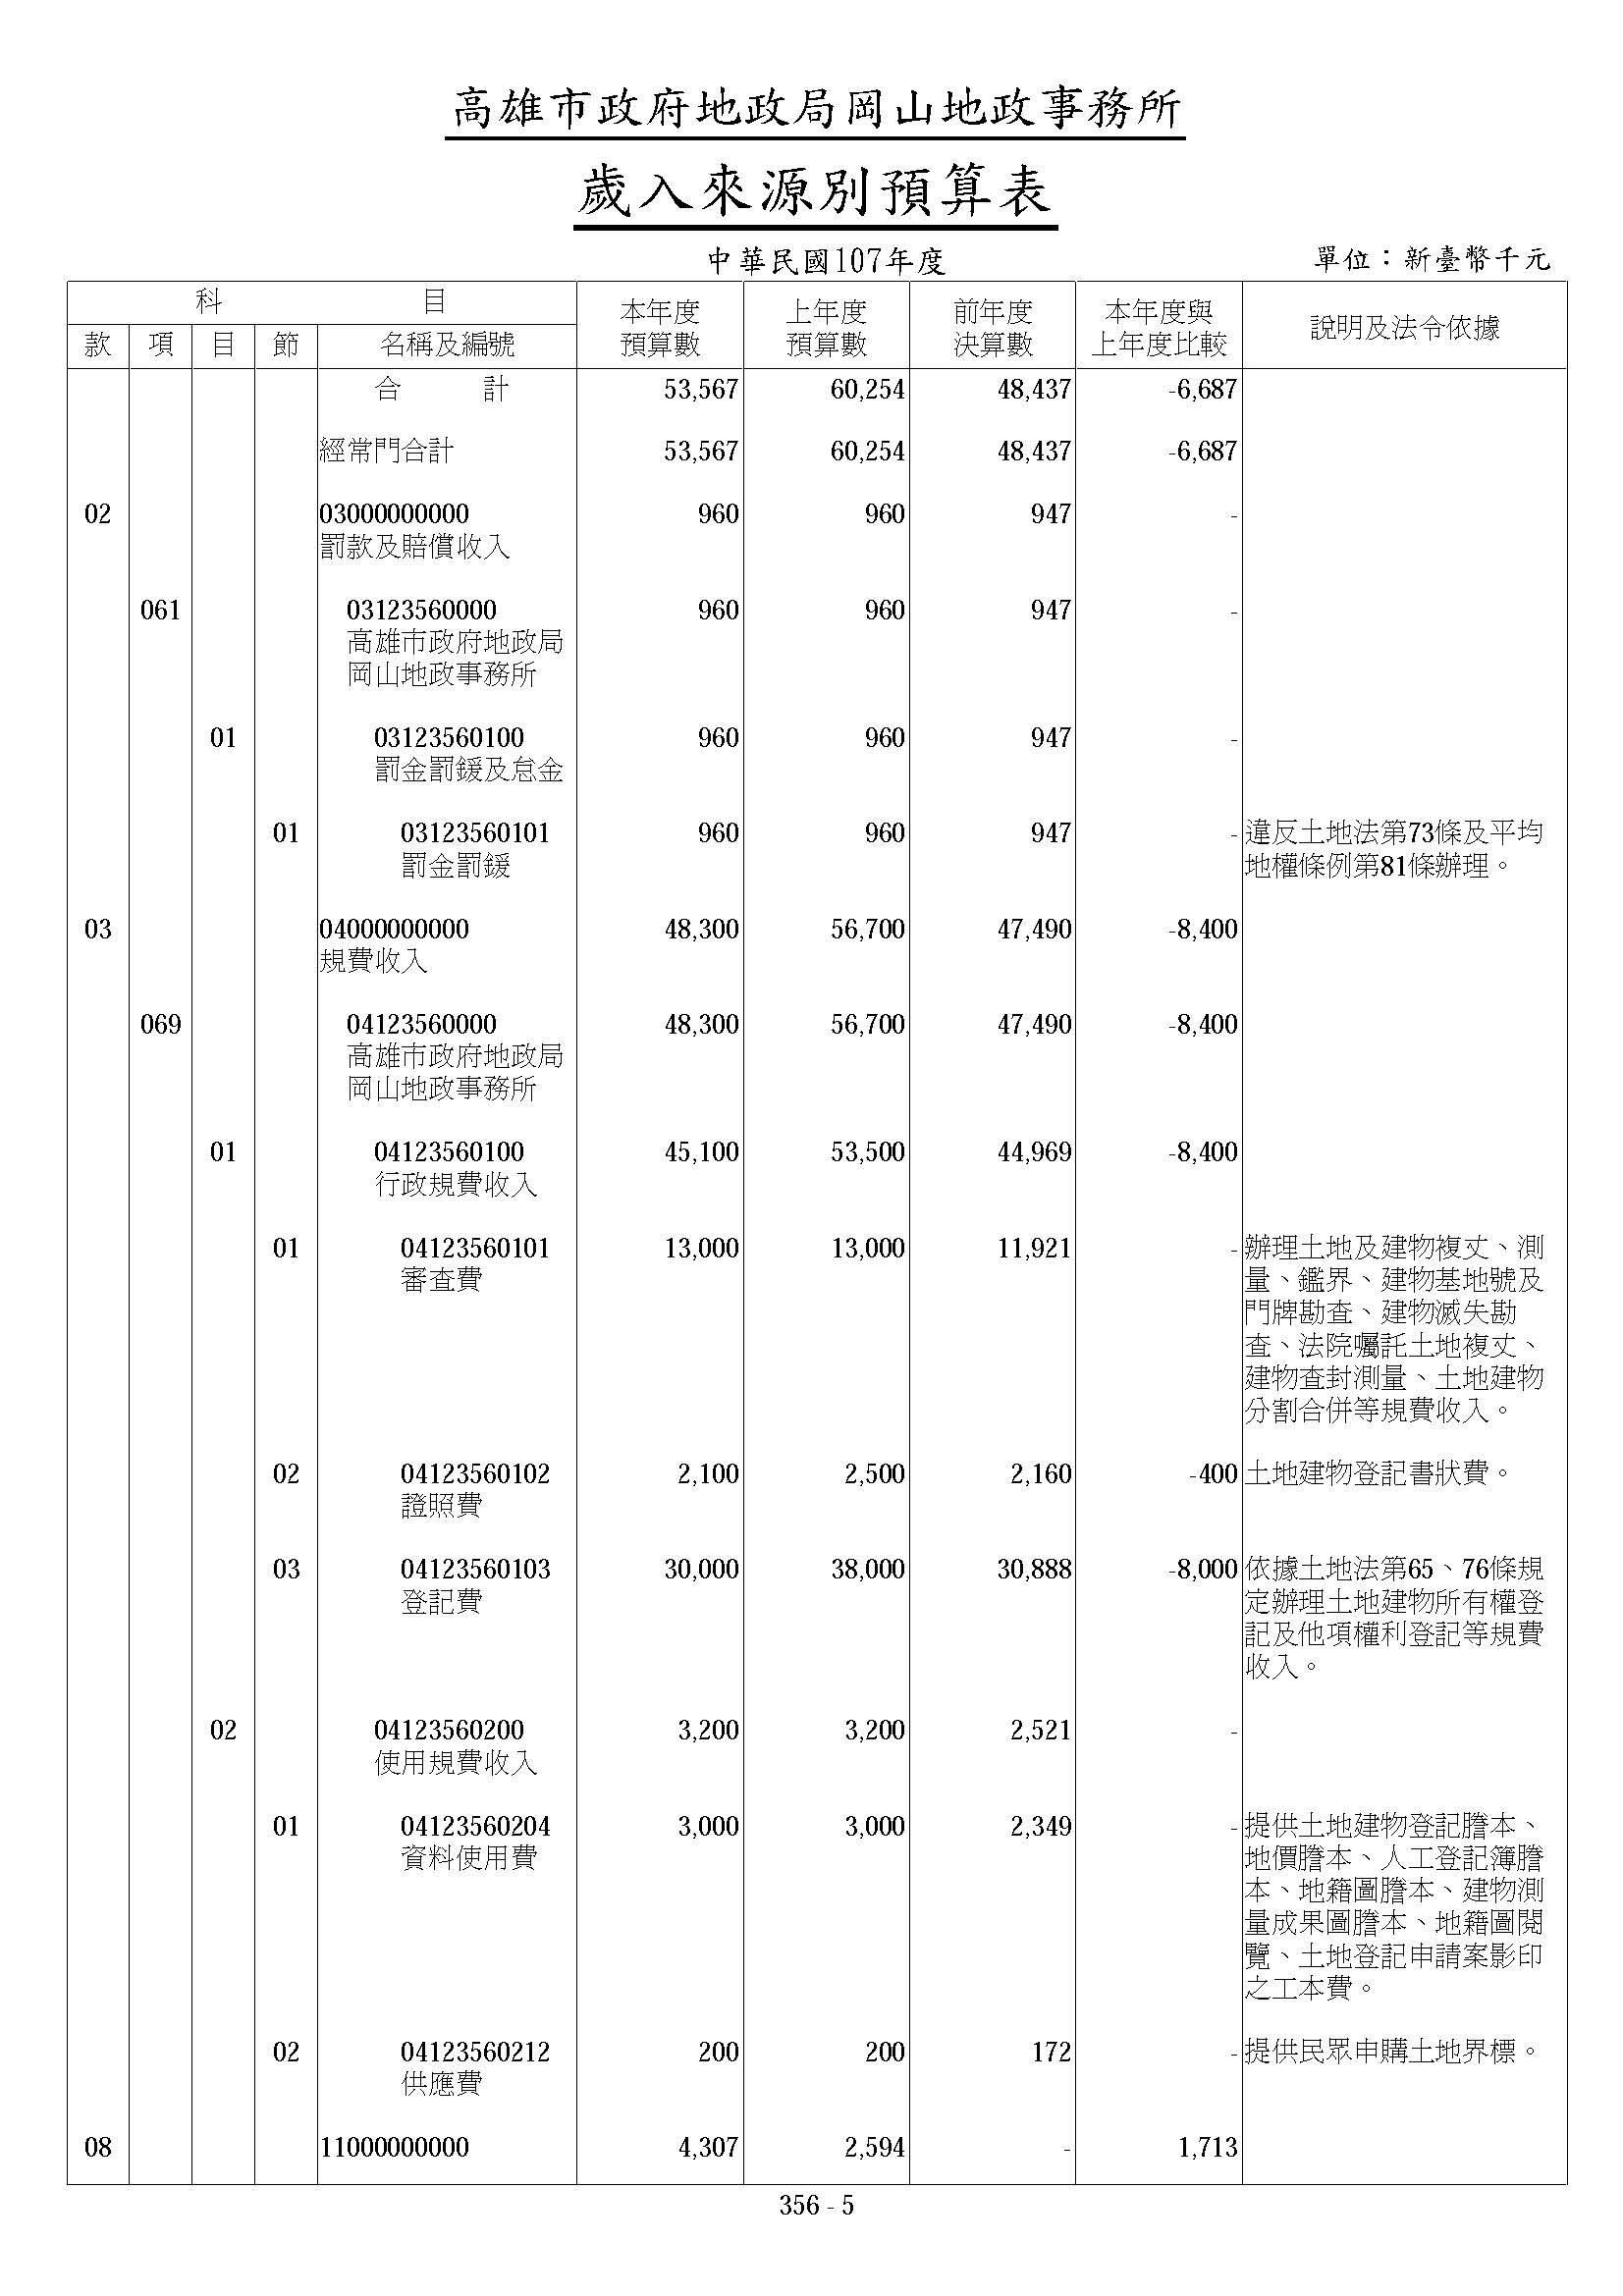 高雄市政府地政局岡山地政事務所107年歲入來源別算表